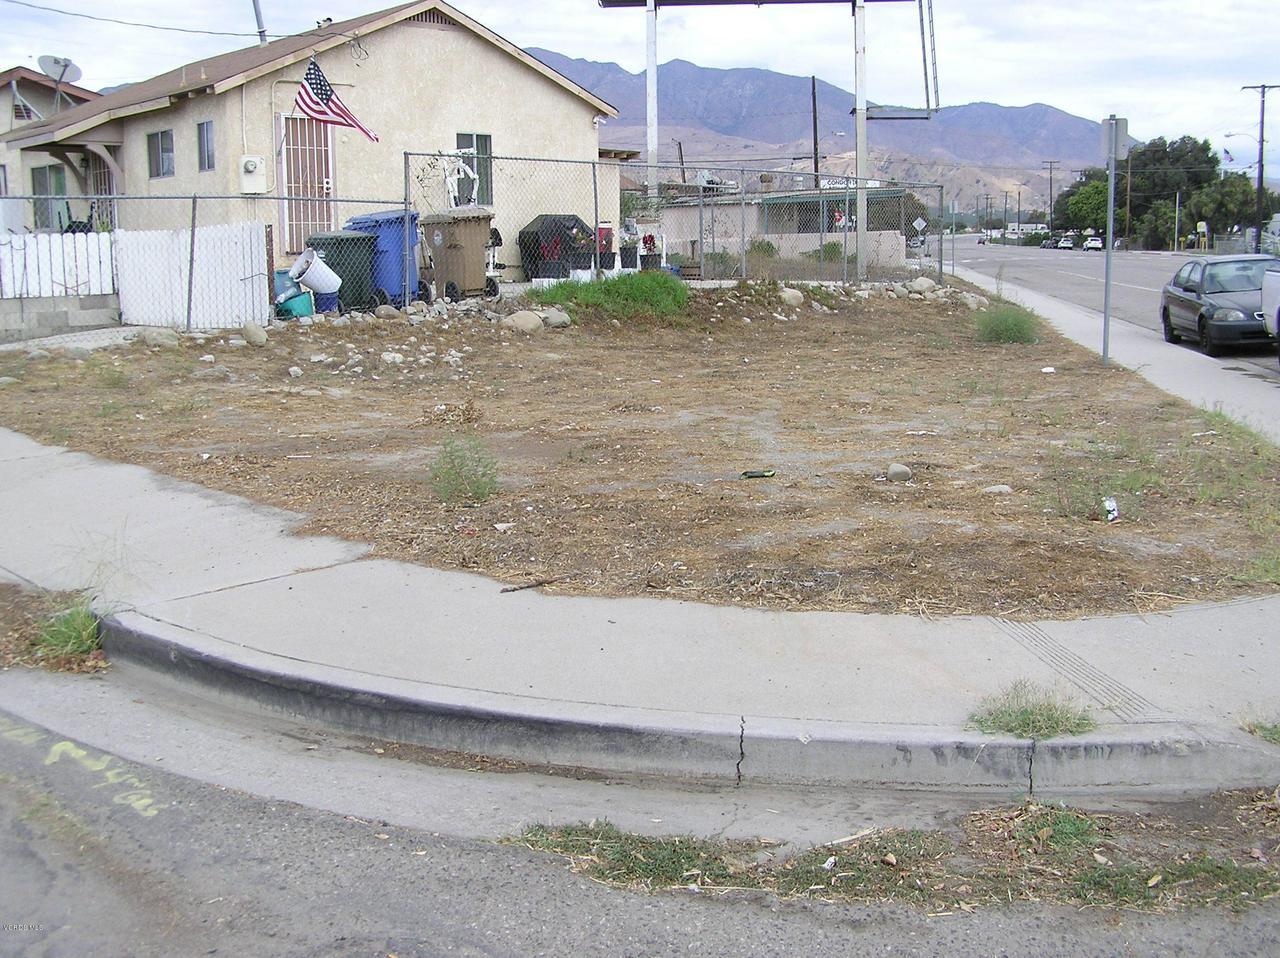 HARVARD & S 13TH ST CORNER, Santa Paula, CA 93060 - lot 002